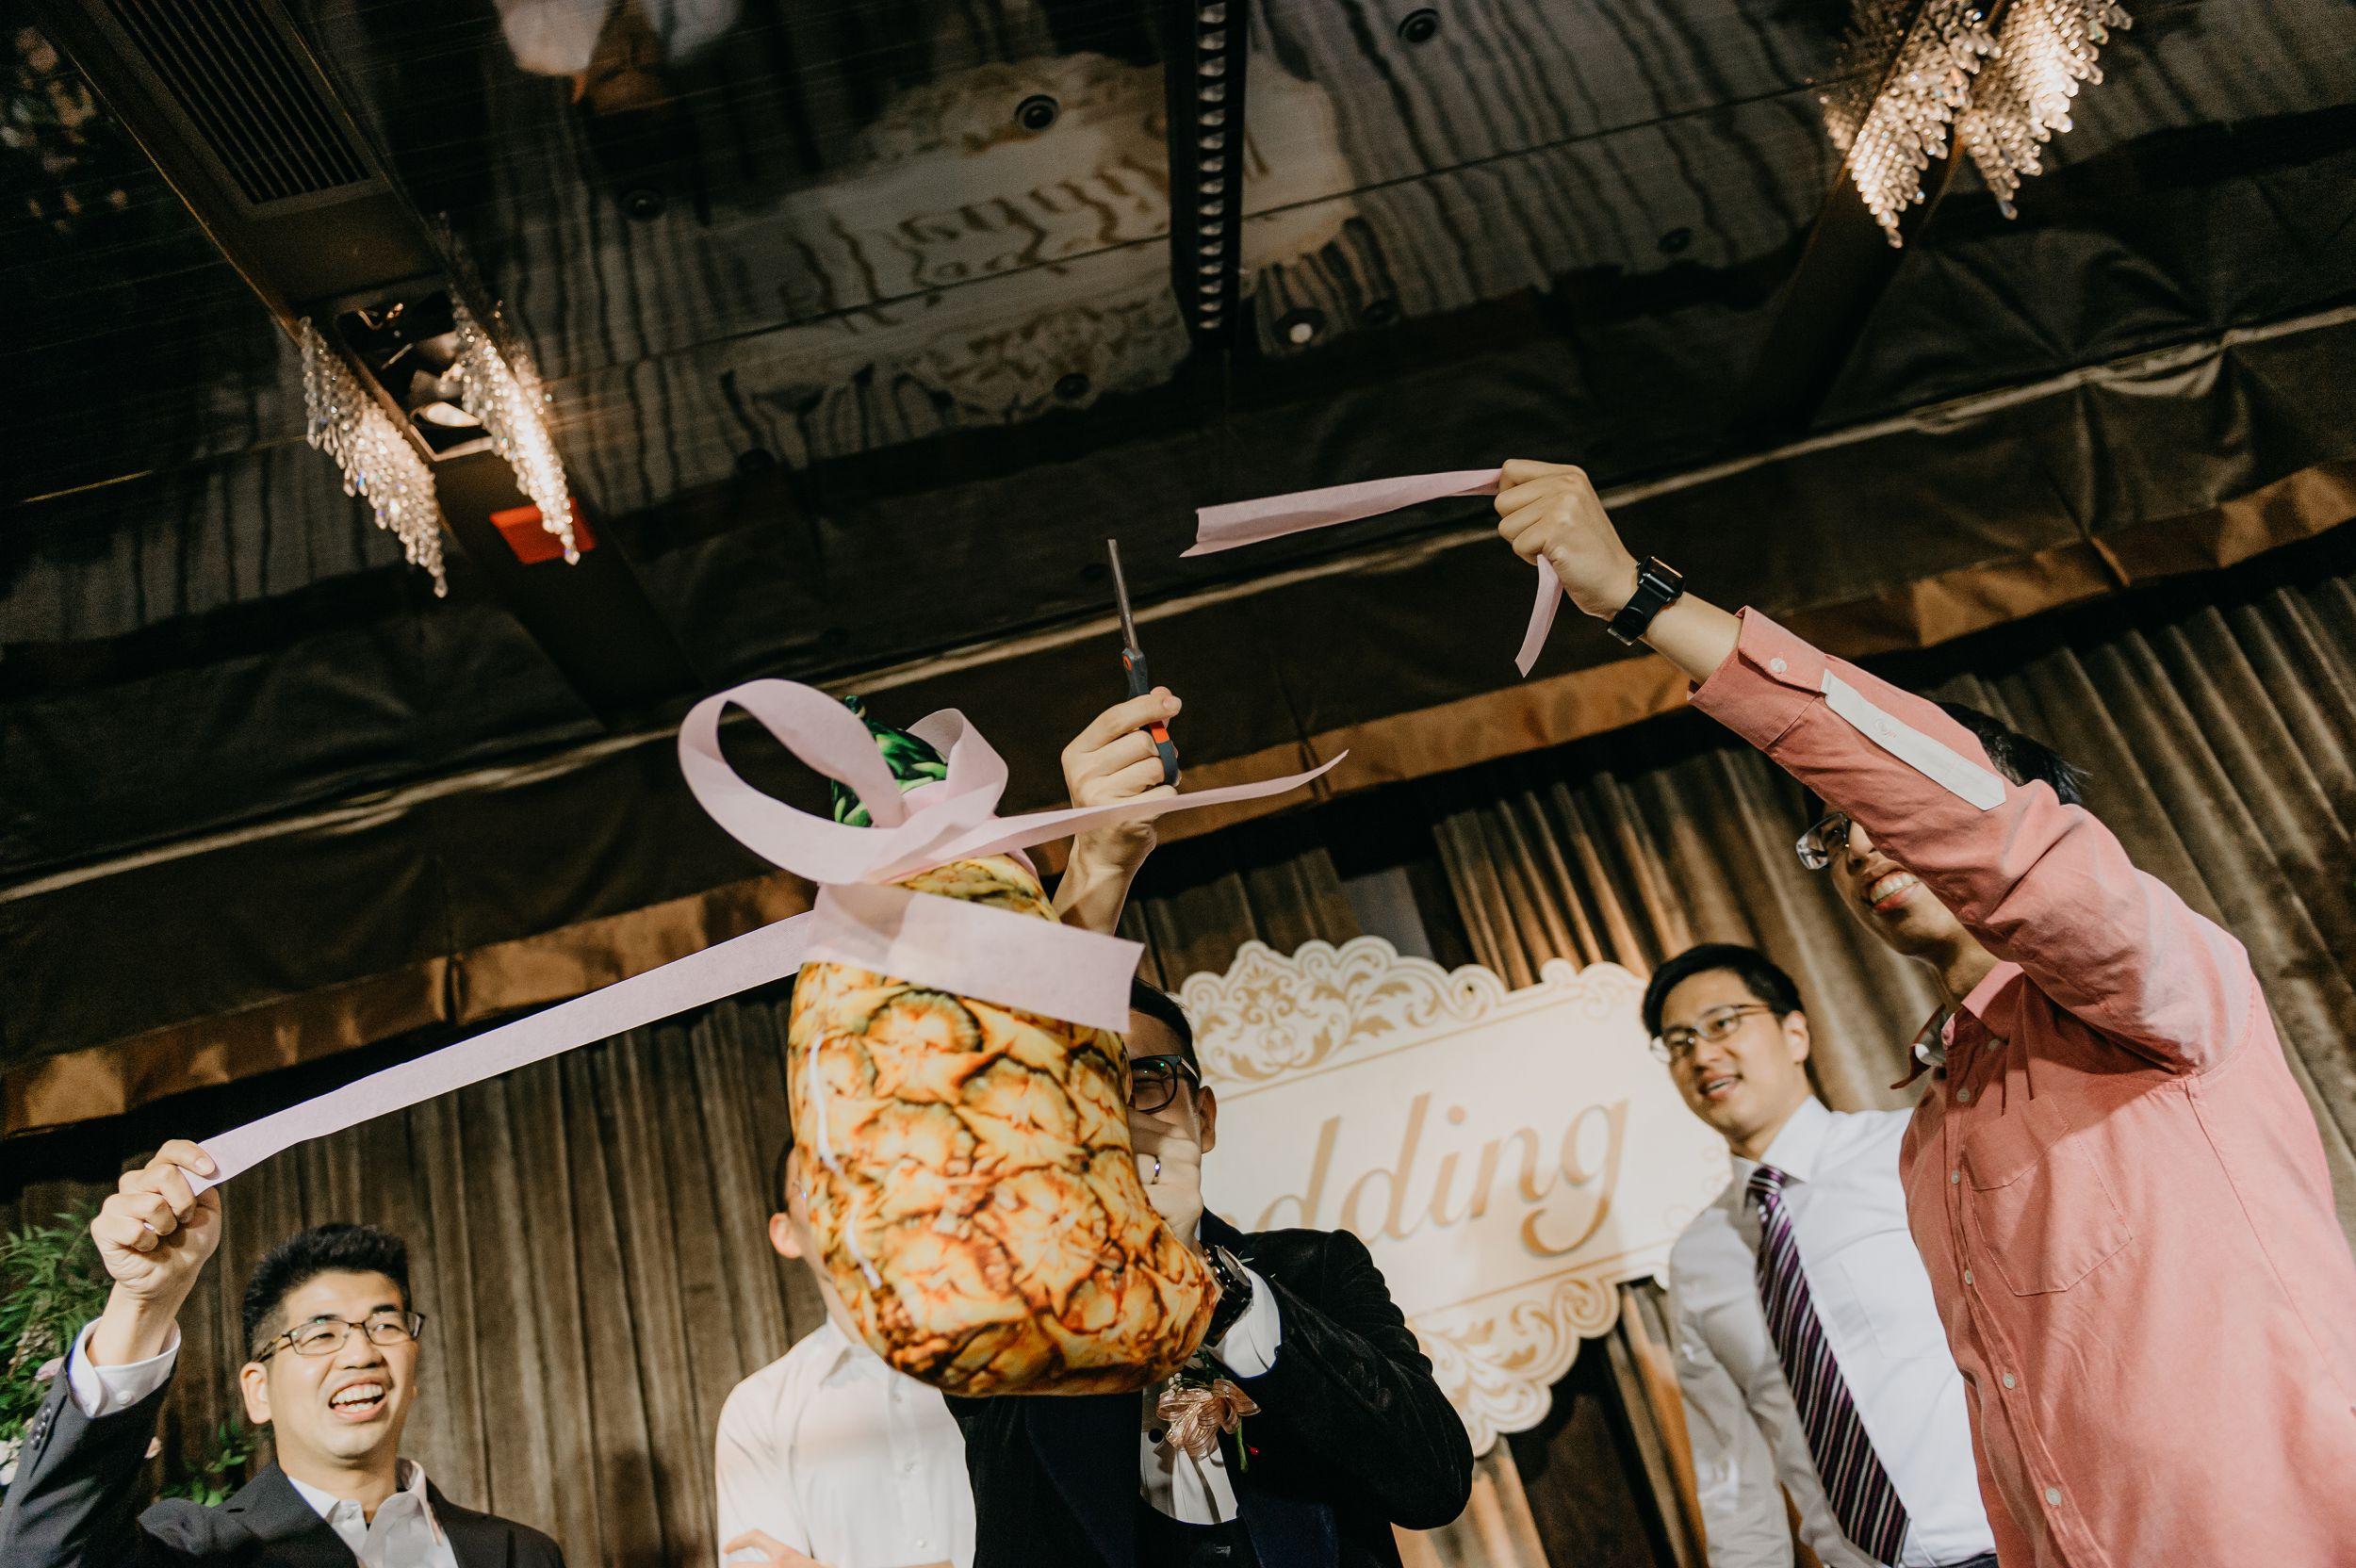 婚禮紀錄,婚攝,福容大飯店,雙機攝影,婚攝推薦,新娘物語推薦,風雲20攝影師,文定儀式,迎娶儀式,囍,闖關,文雅先生,莉維亞歐美頂級手工婚紗,西服,禮服,新秘造型,造型團隊,婚禮主持人,北部婚攝,婚禮攝影師,類婚紗,全家福,拜別父母,抽捧花